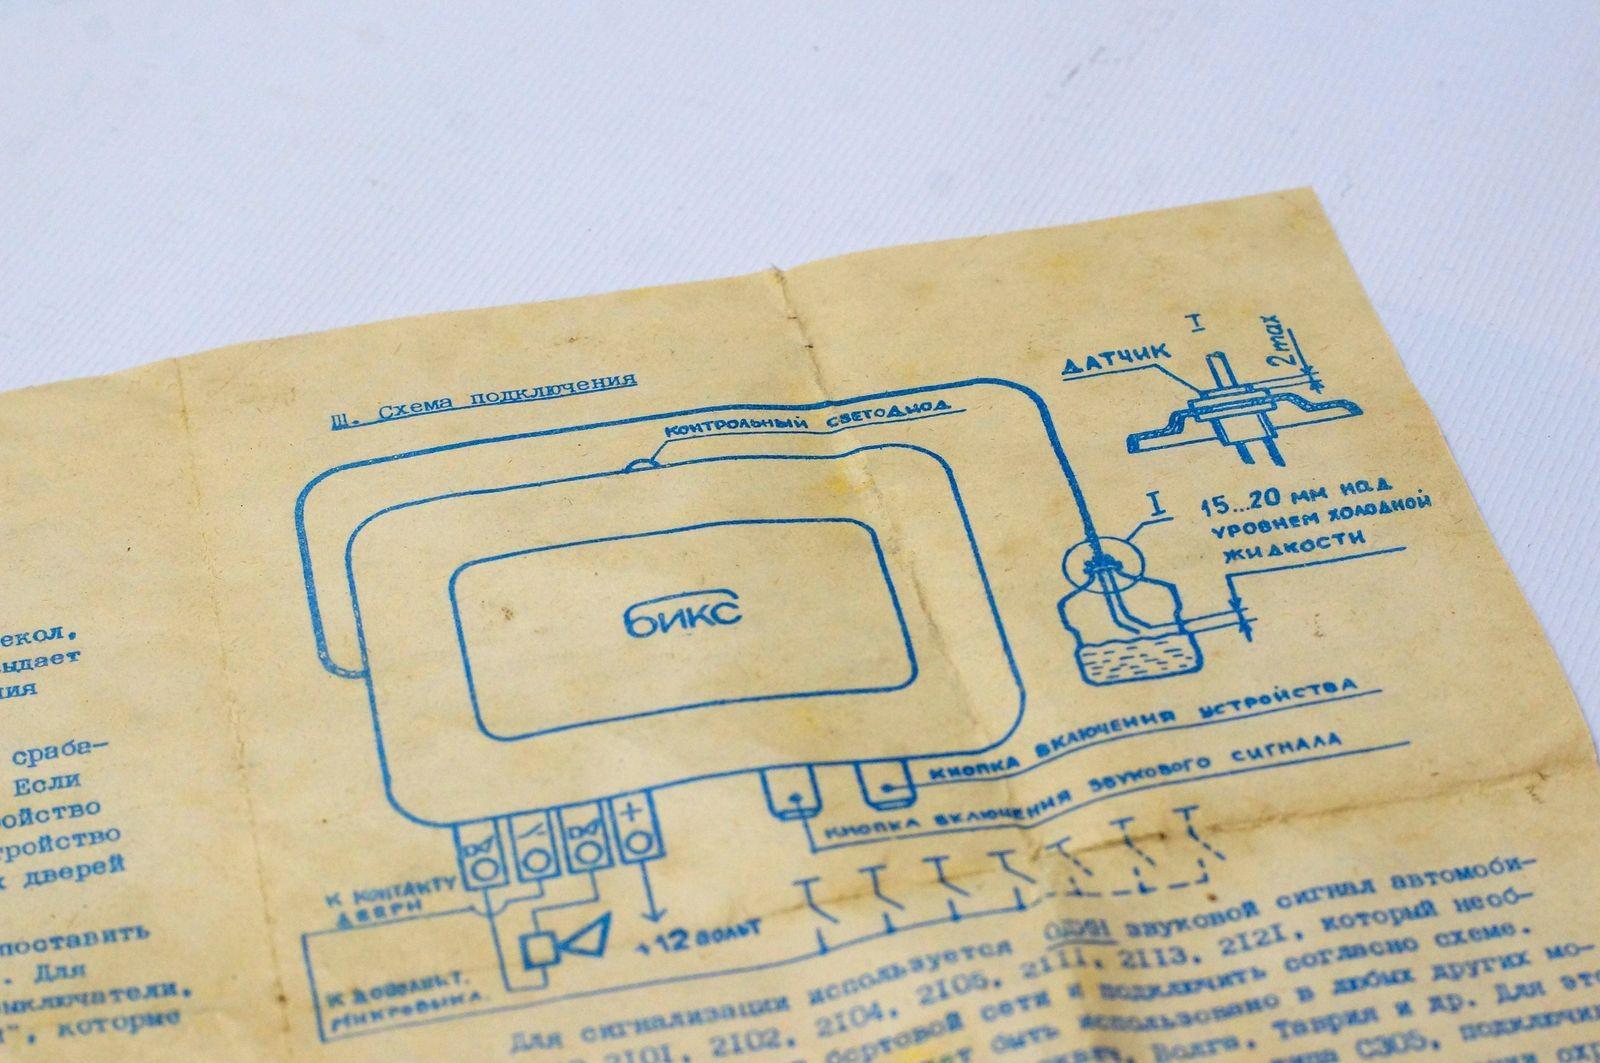 Сигнализация, работающая на… тосоле: тест советской охранной системы БИКС 1989 года